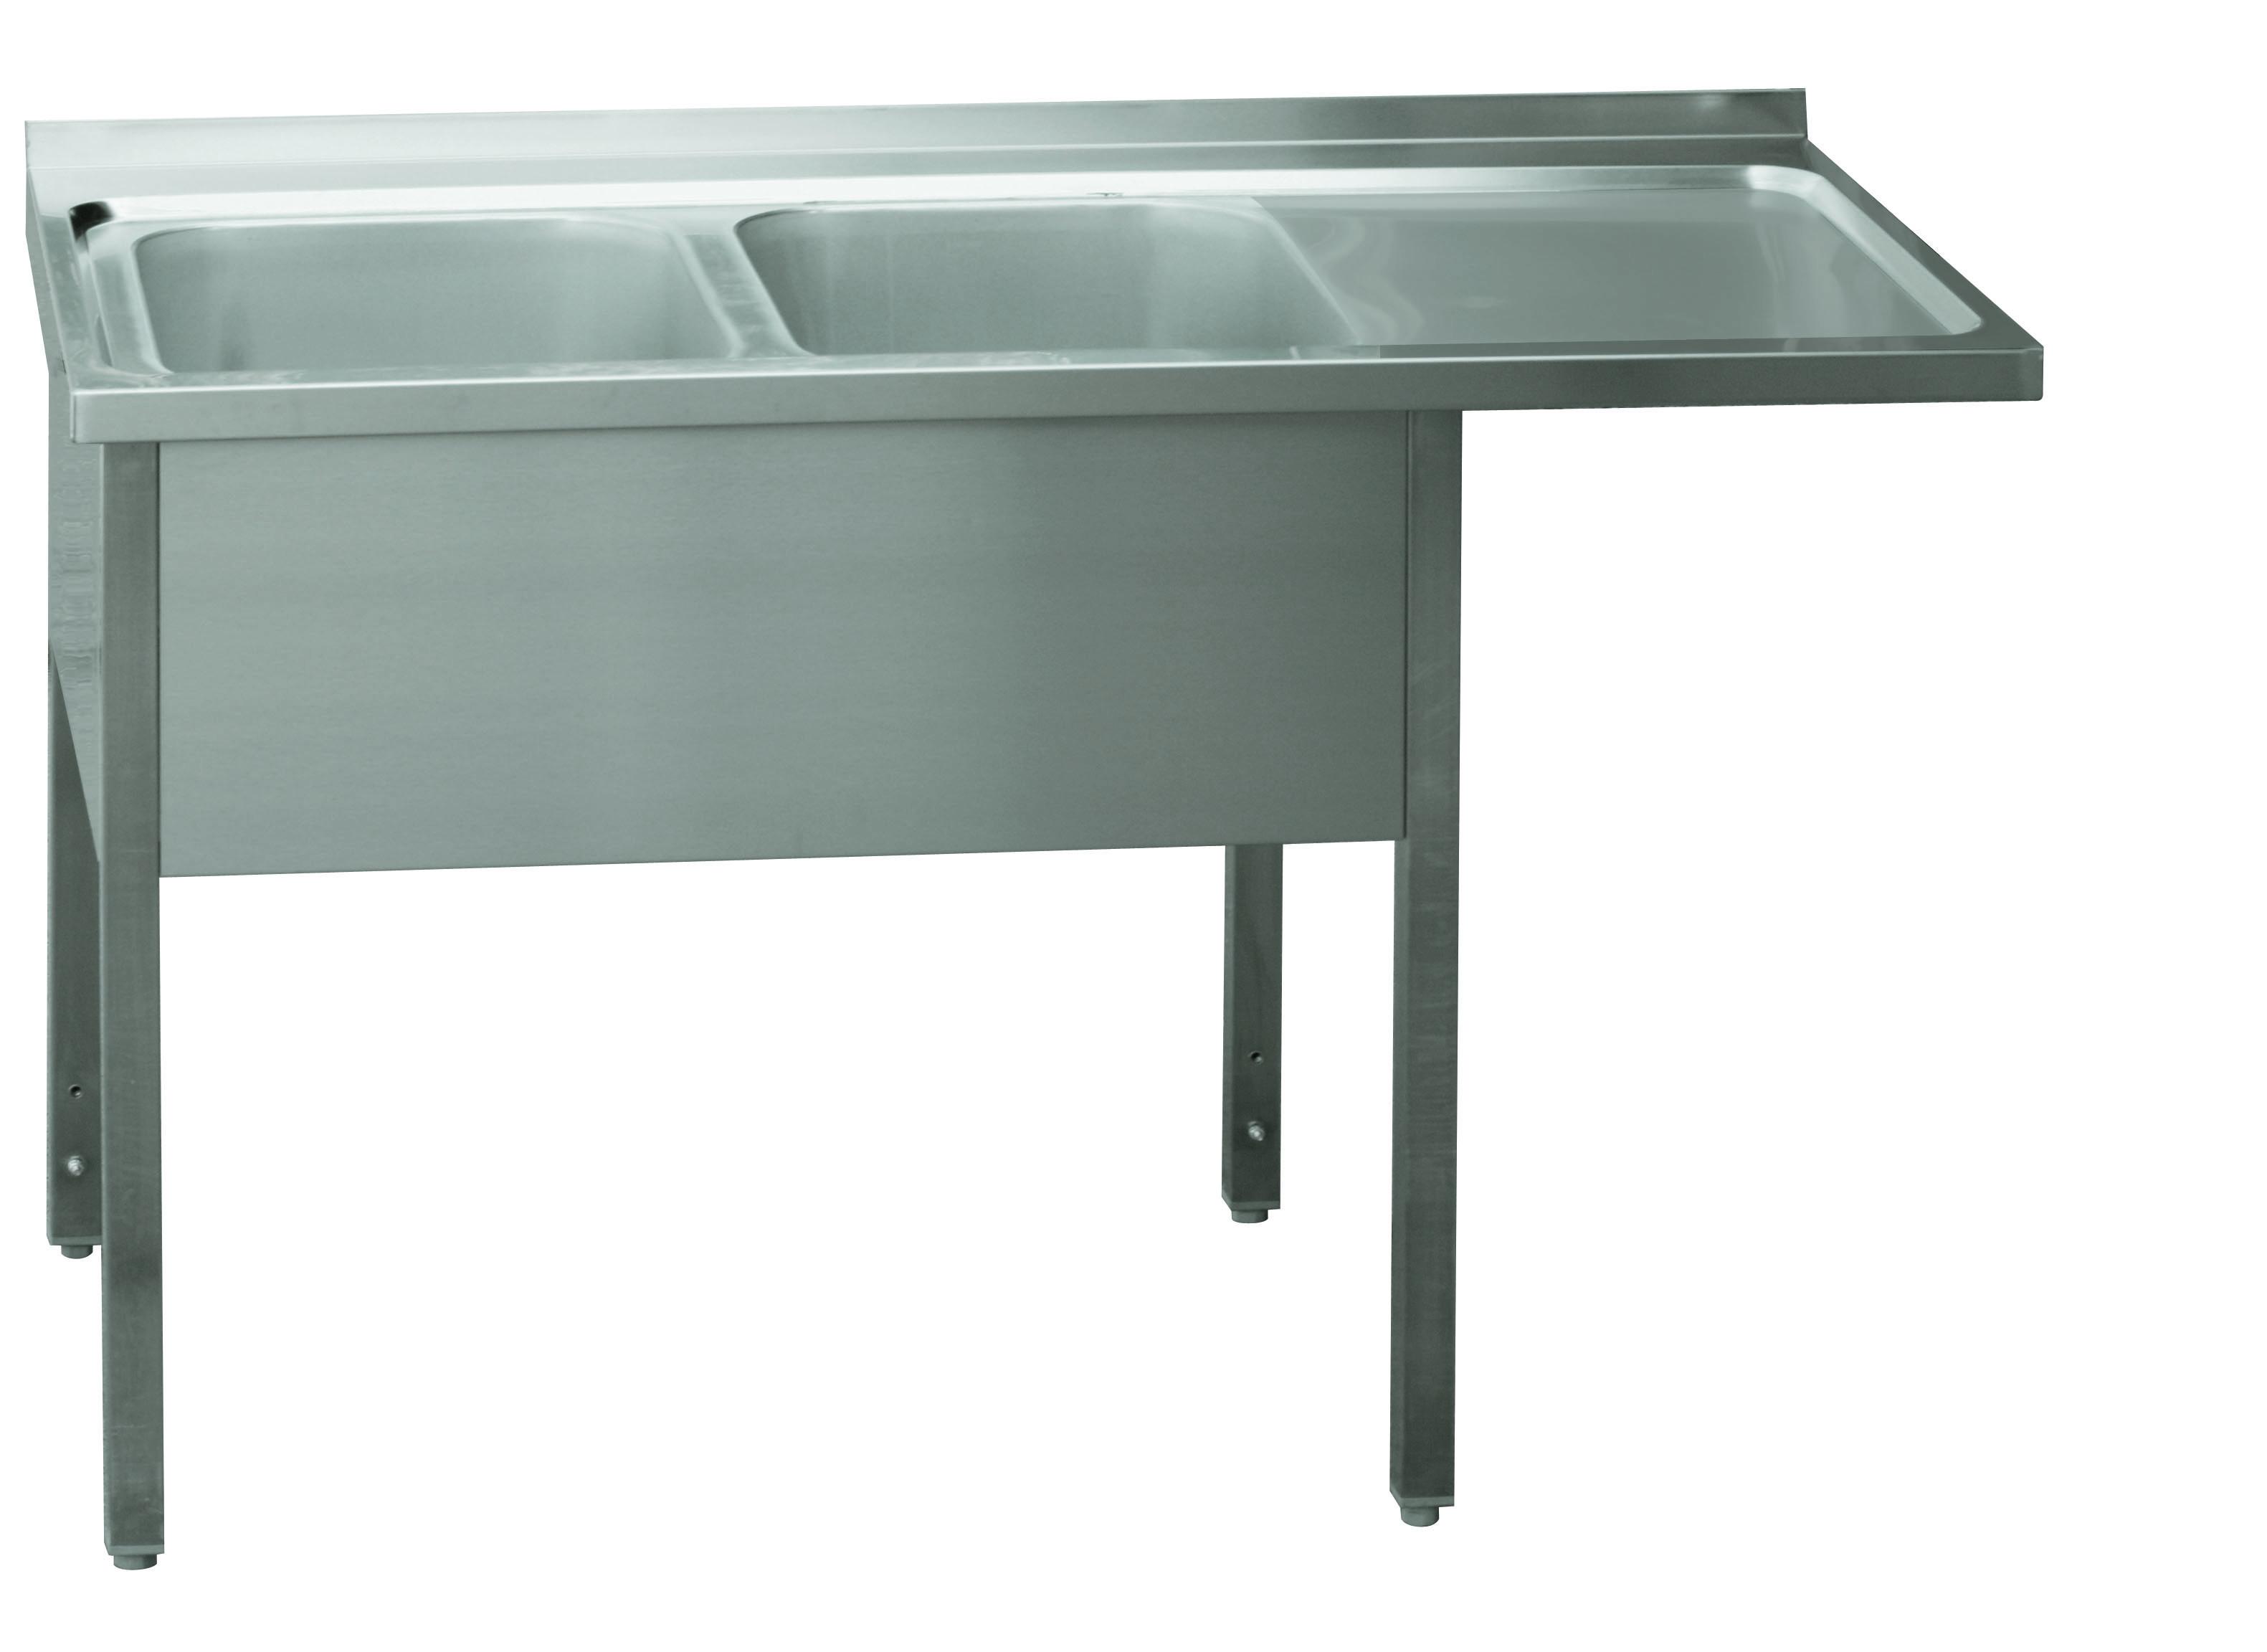 Stůl mycí dvoudřez MSDOP/M 150x70x90 REDFOX